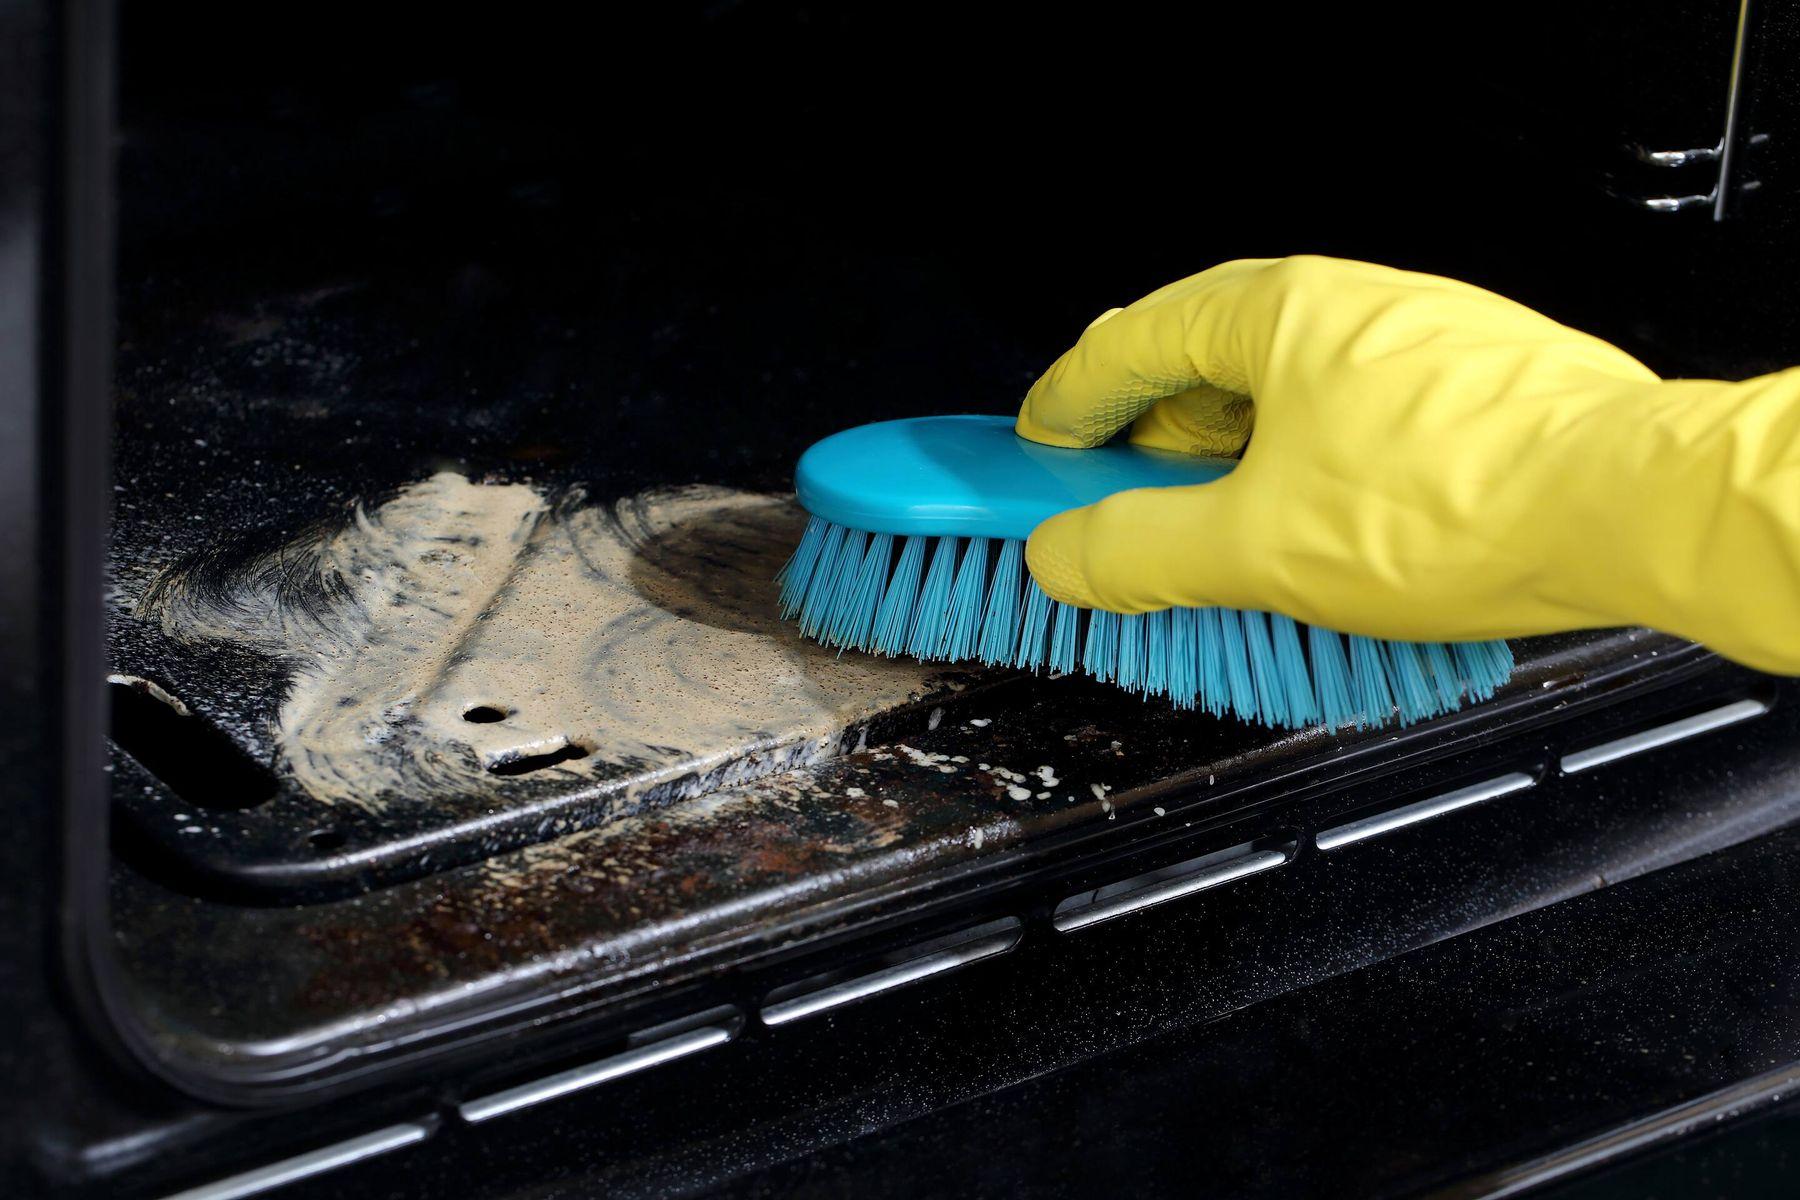 hand scrubbing interior of oven